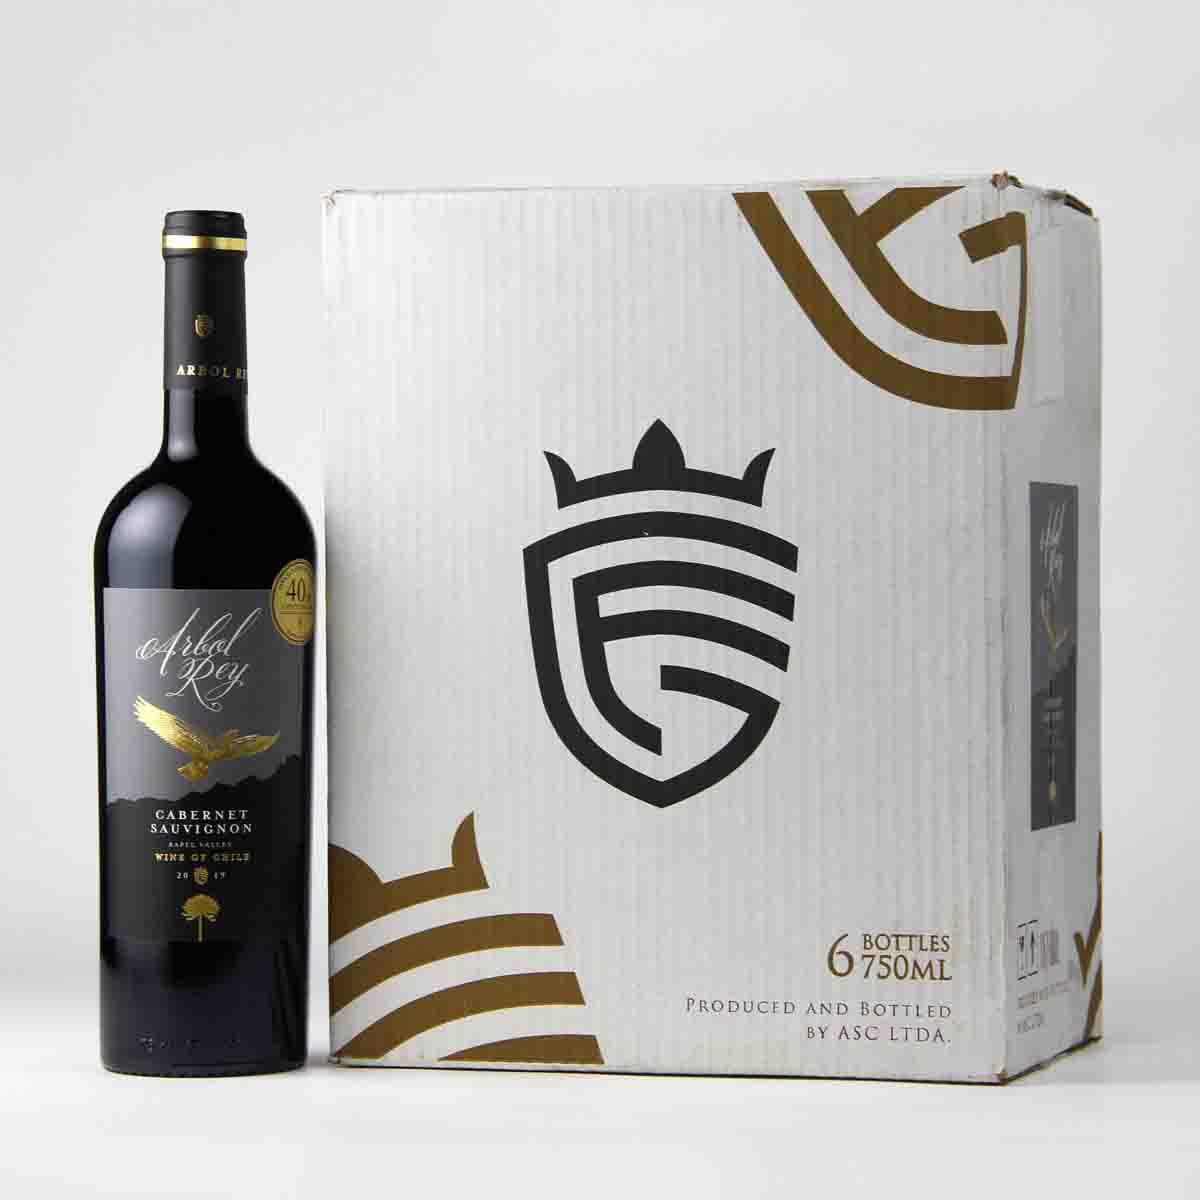 智利拉佩尔谷森林之王经典赤霞珠干红葡萄酒